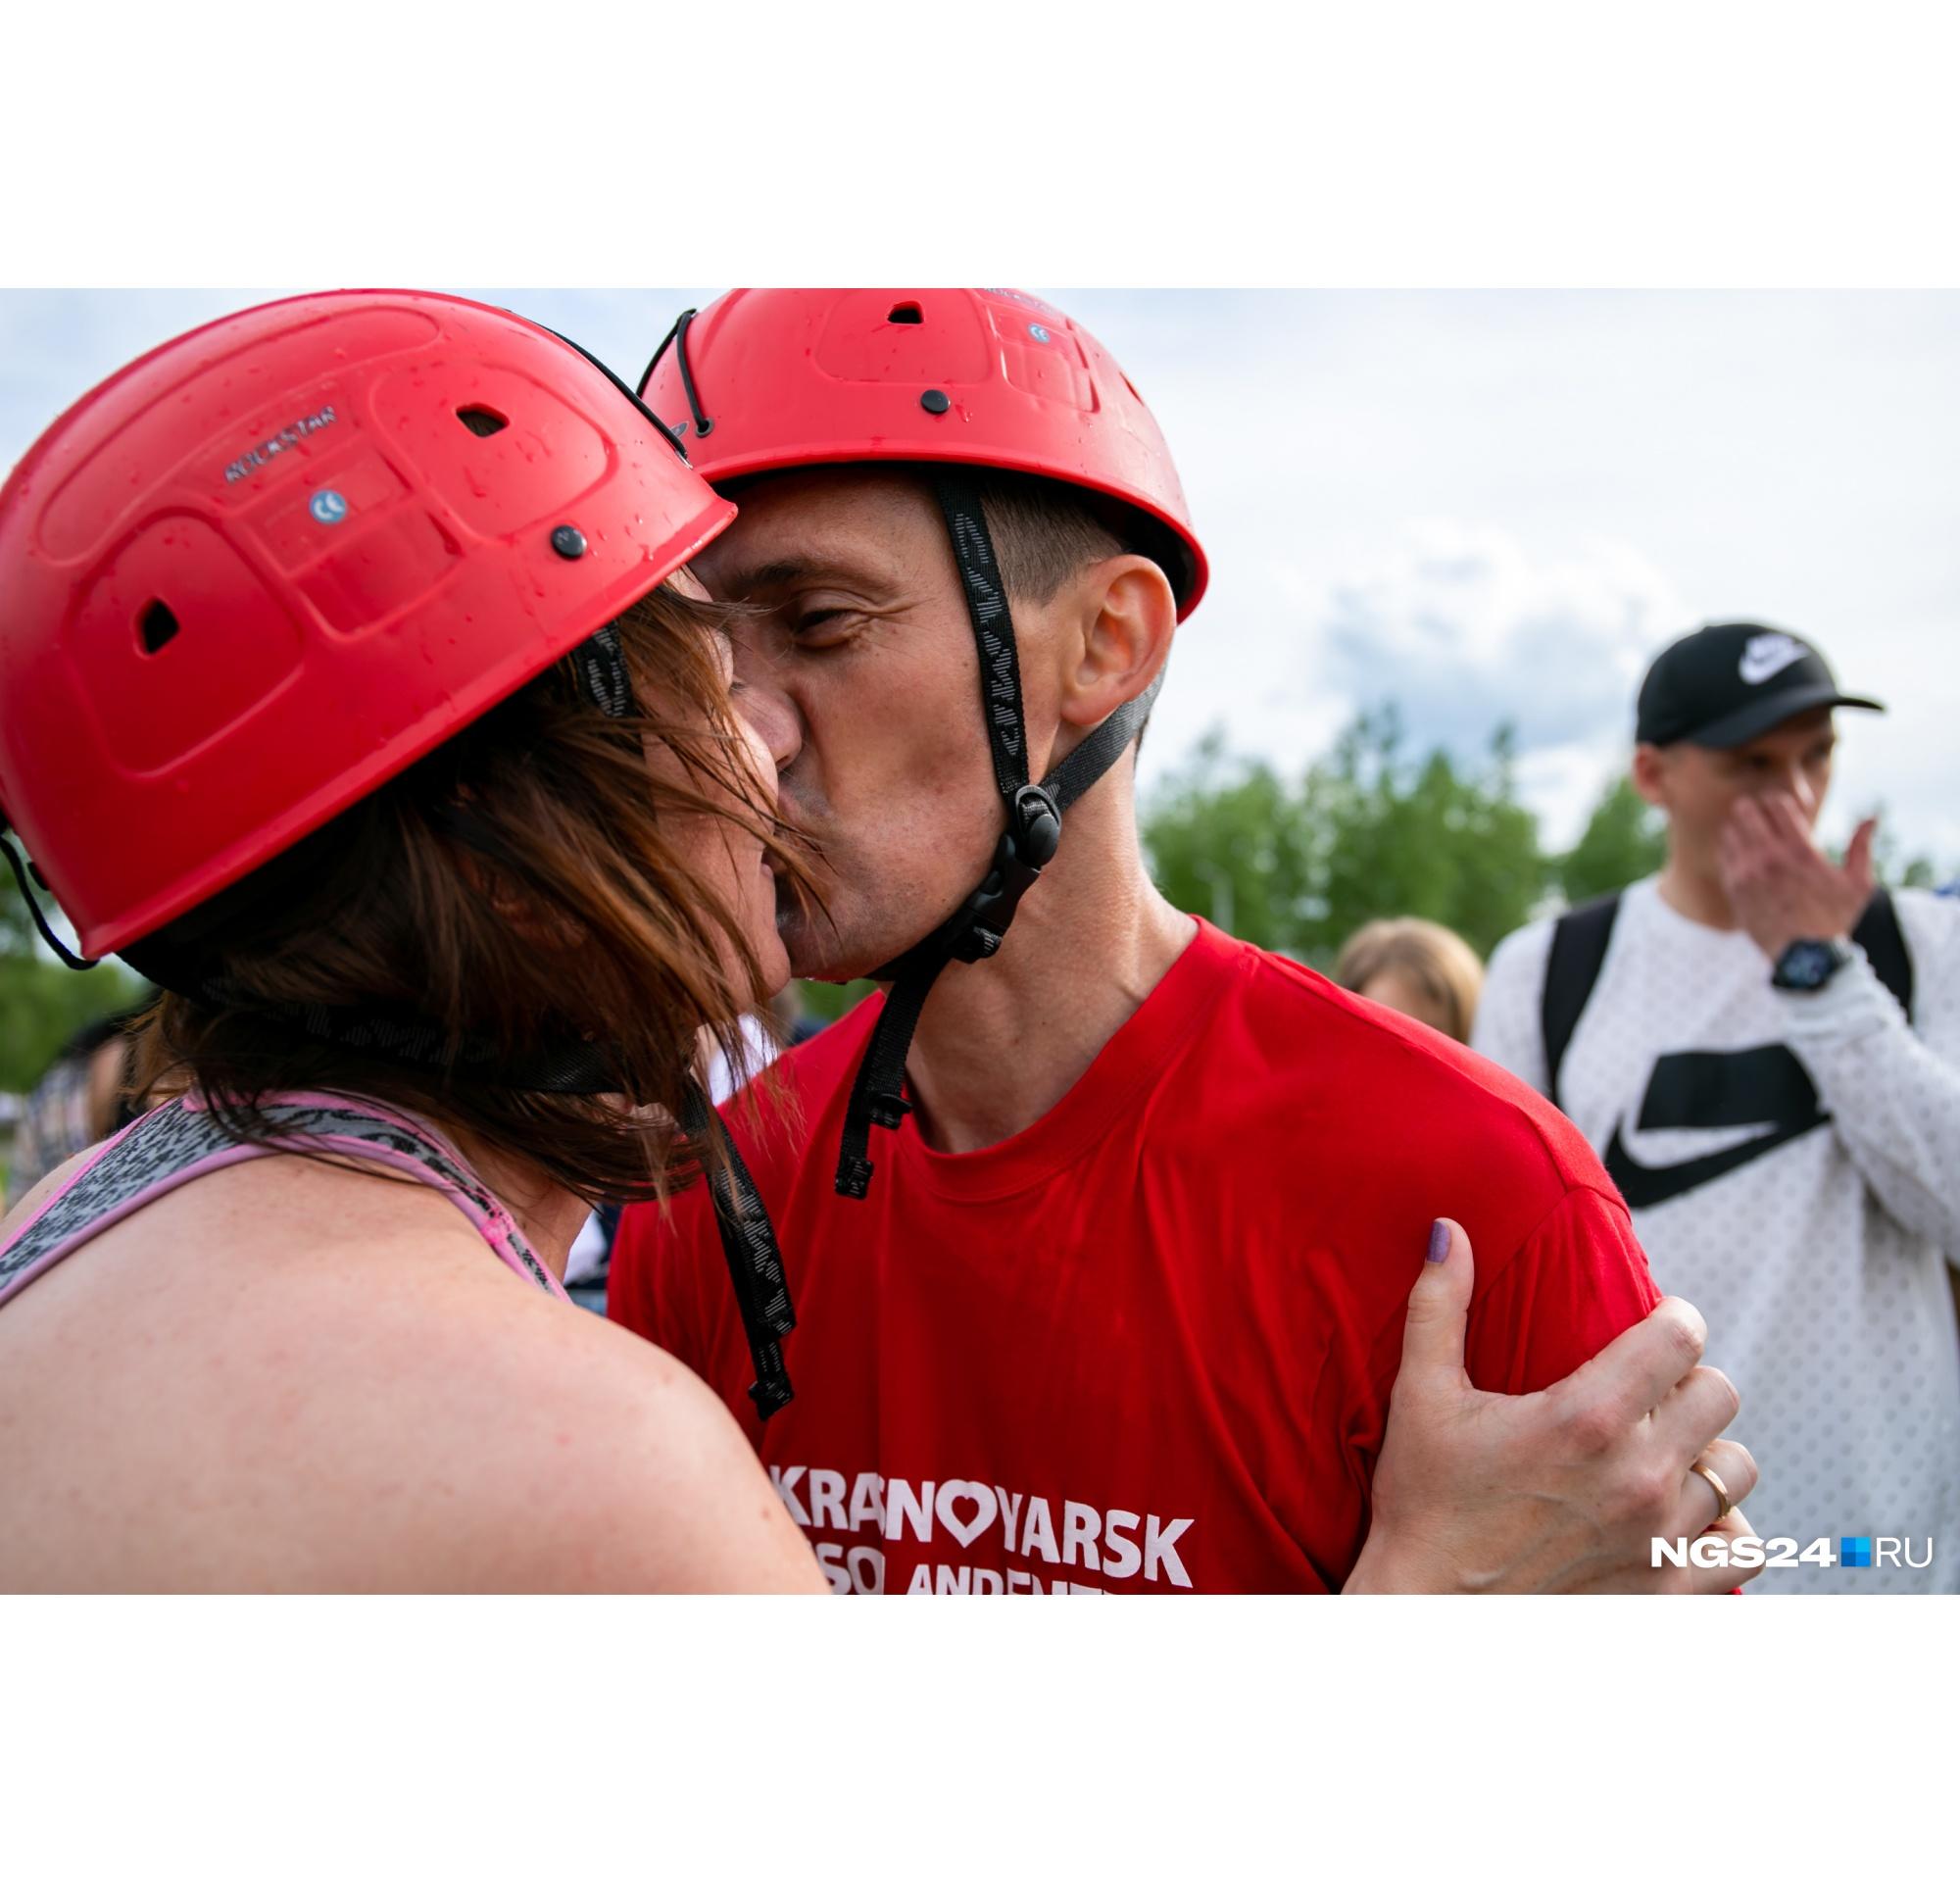 Главное — сохранить позитивные чувства и не разругаться после соревнований. Многие пары сближаются в командной игре